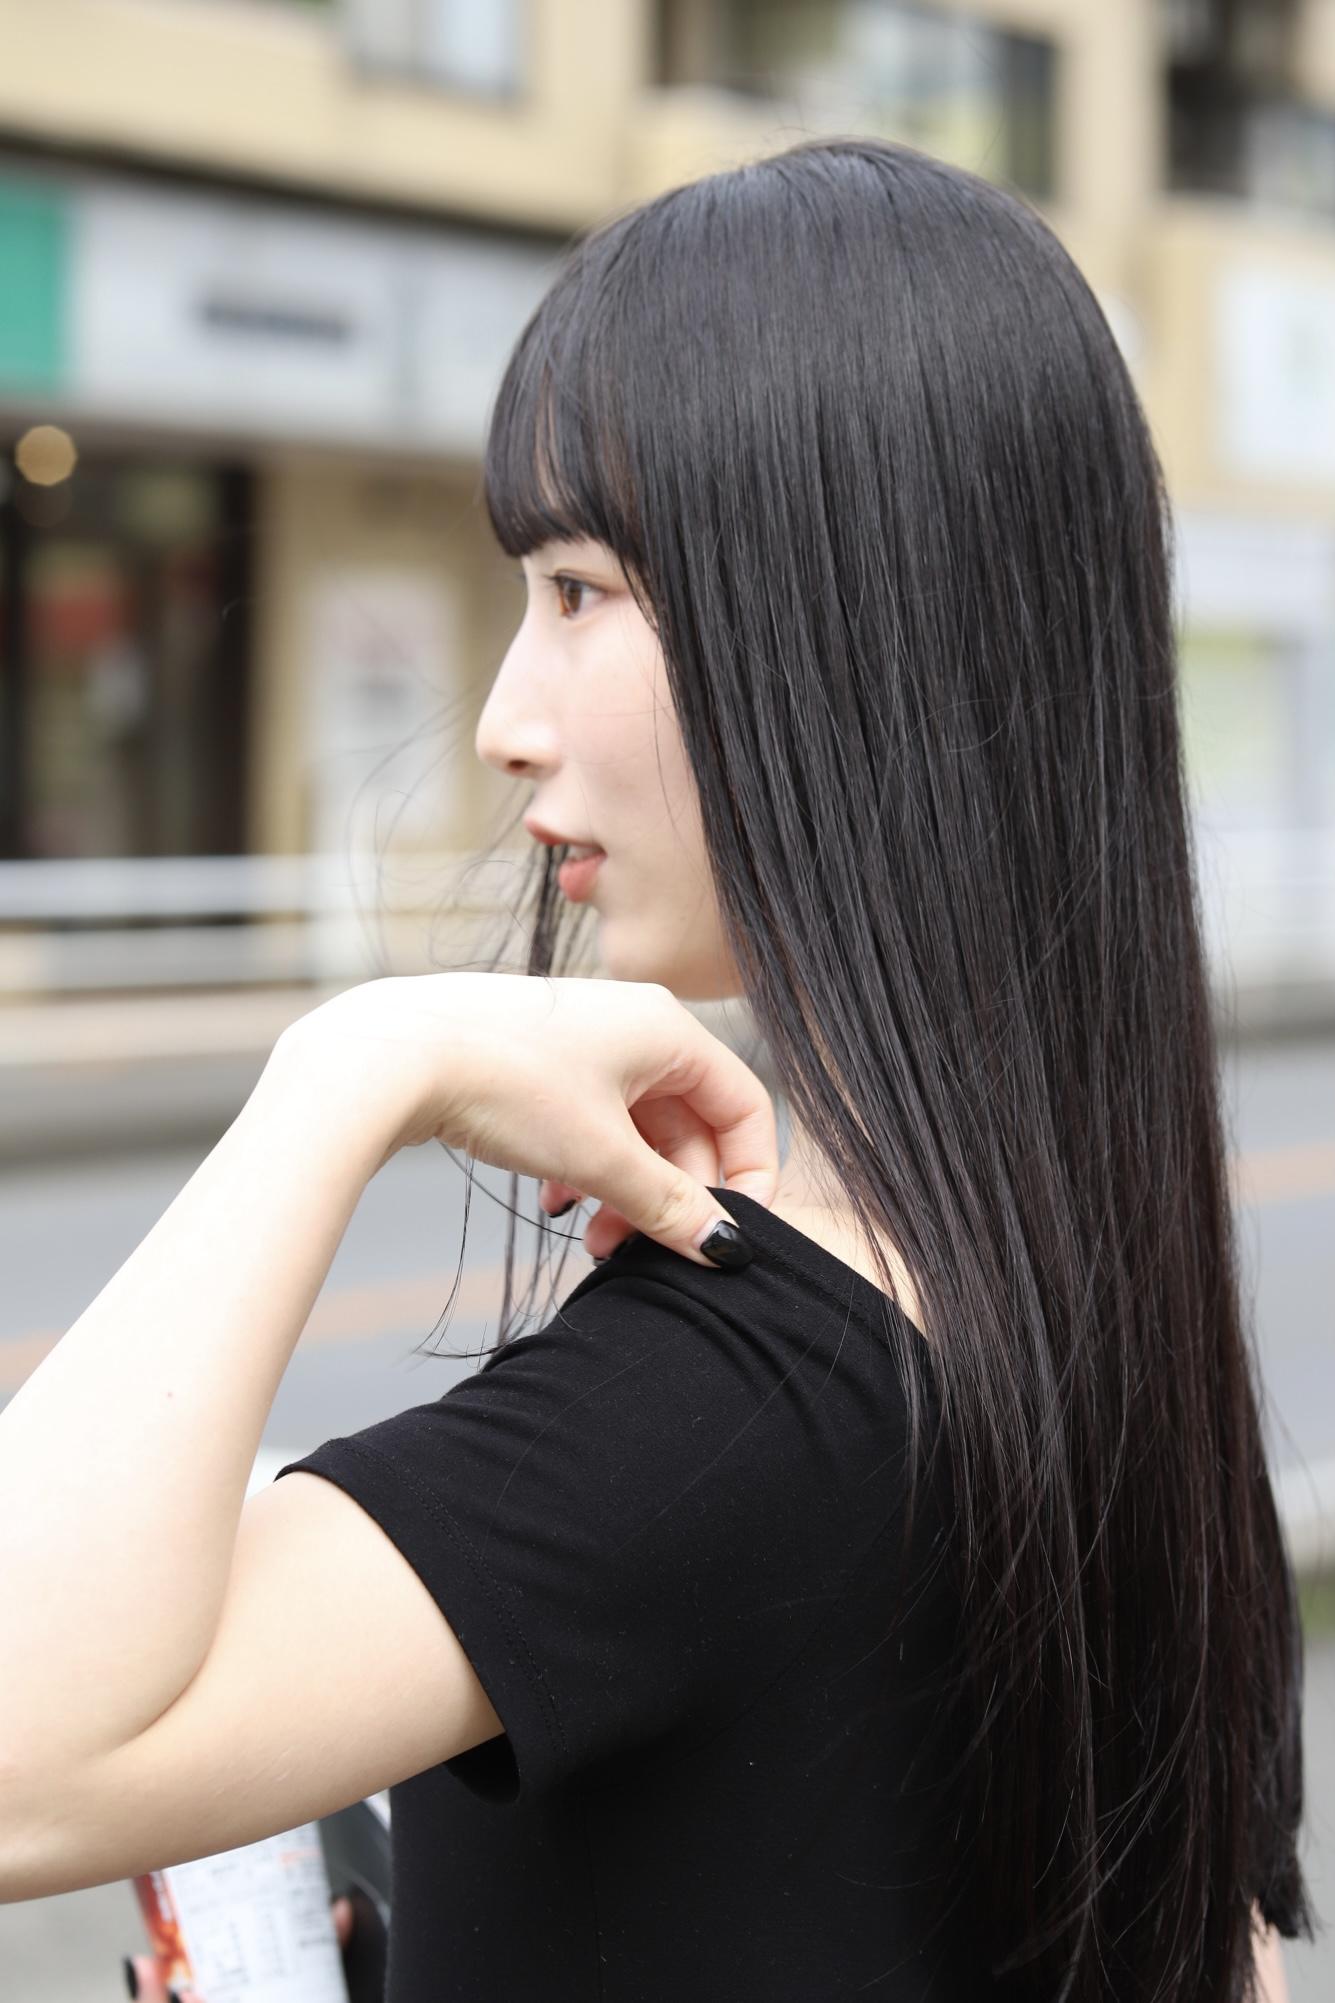 見た目の印象もガラッと変わる白髪染めが一押しポイント!≪LUCK≫独自の技術とレシピで今までできなかった明るい白髪染めが可能に♪丁寧なカウンセリングを行うことでお客様に最適なものをご提案♪  また、悩みに合わせ多種あるヘアケアからお選び頂けます!2週間で髪質改善ケアができるケラチンや、修復力最高インフェノム、アクアアドバンストリートメント等ワンランク上のツヤ髪を手に♪ヨーグルトや炭酸スパもご用意!